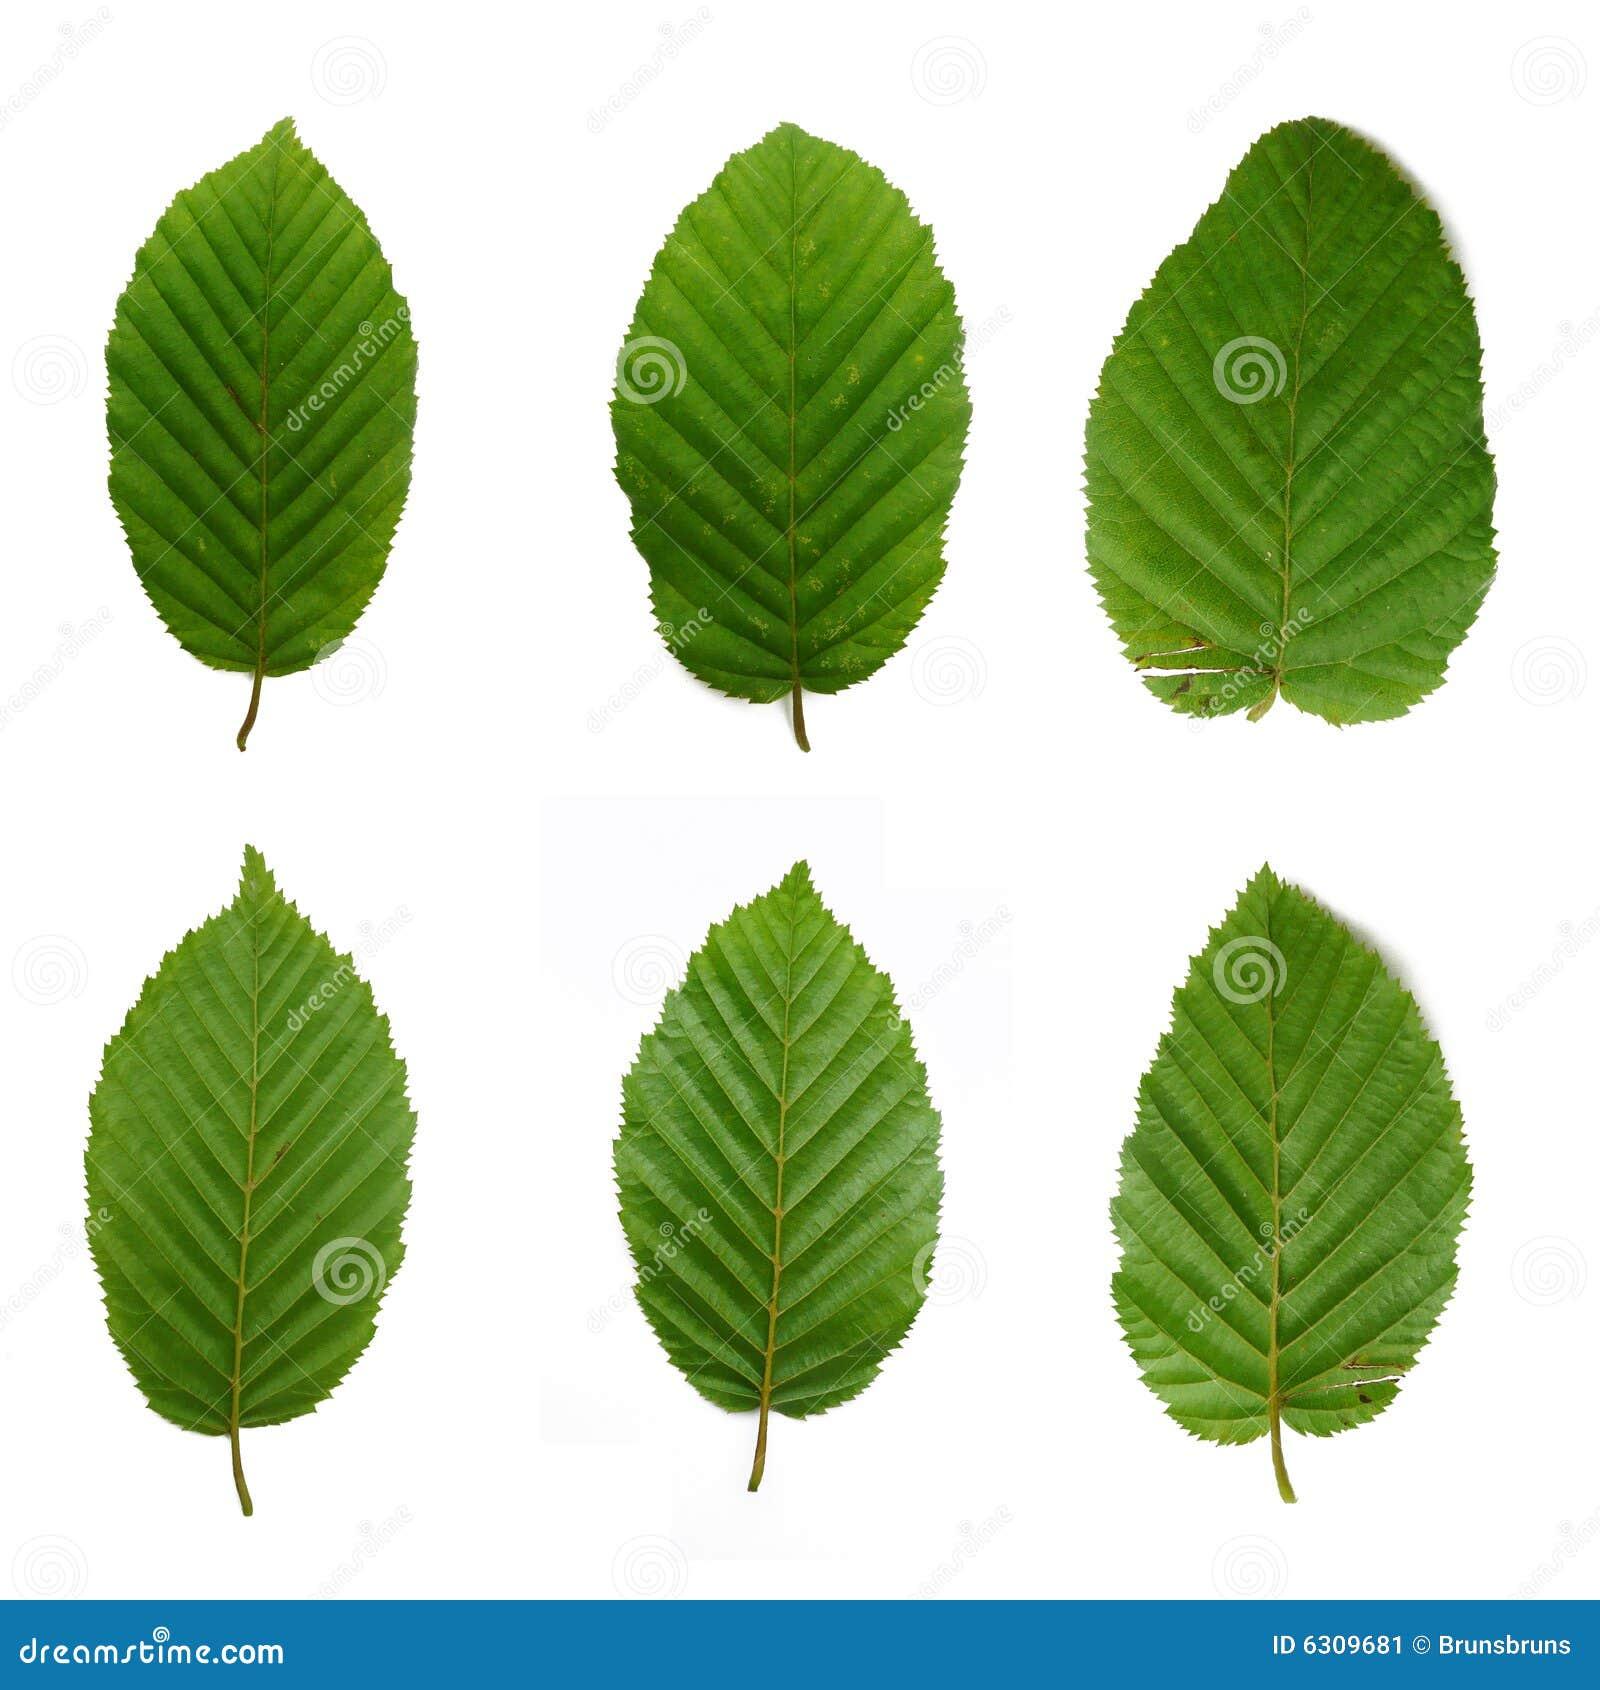 6 beech leafs